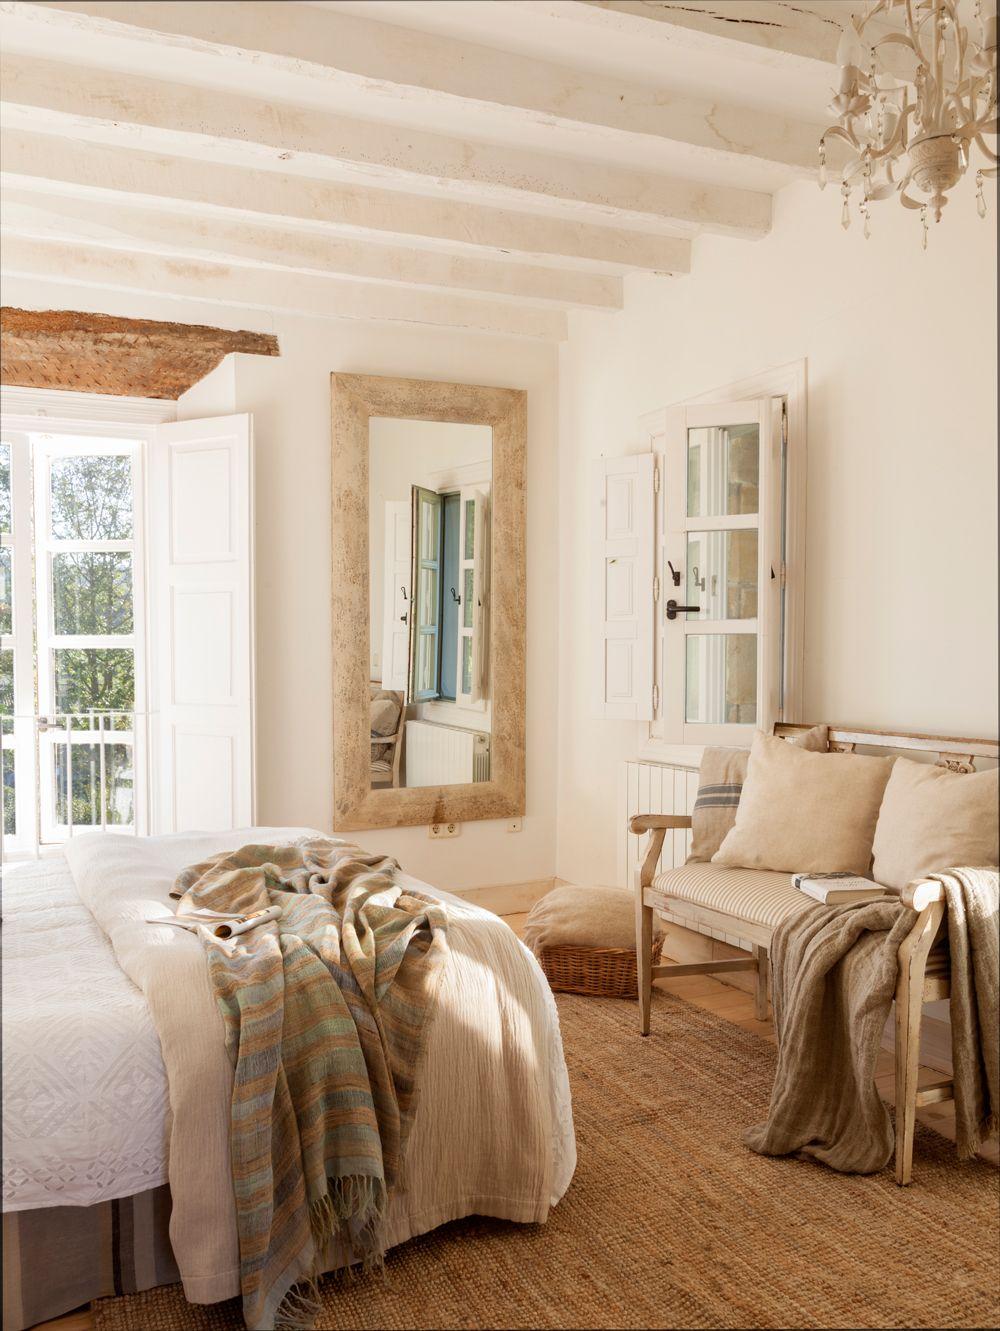 00452321 o dormitorio principal r stico con vigas blancas for Dormitorio rustico